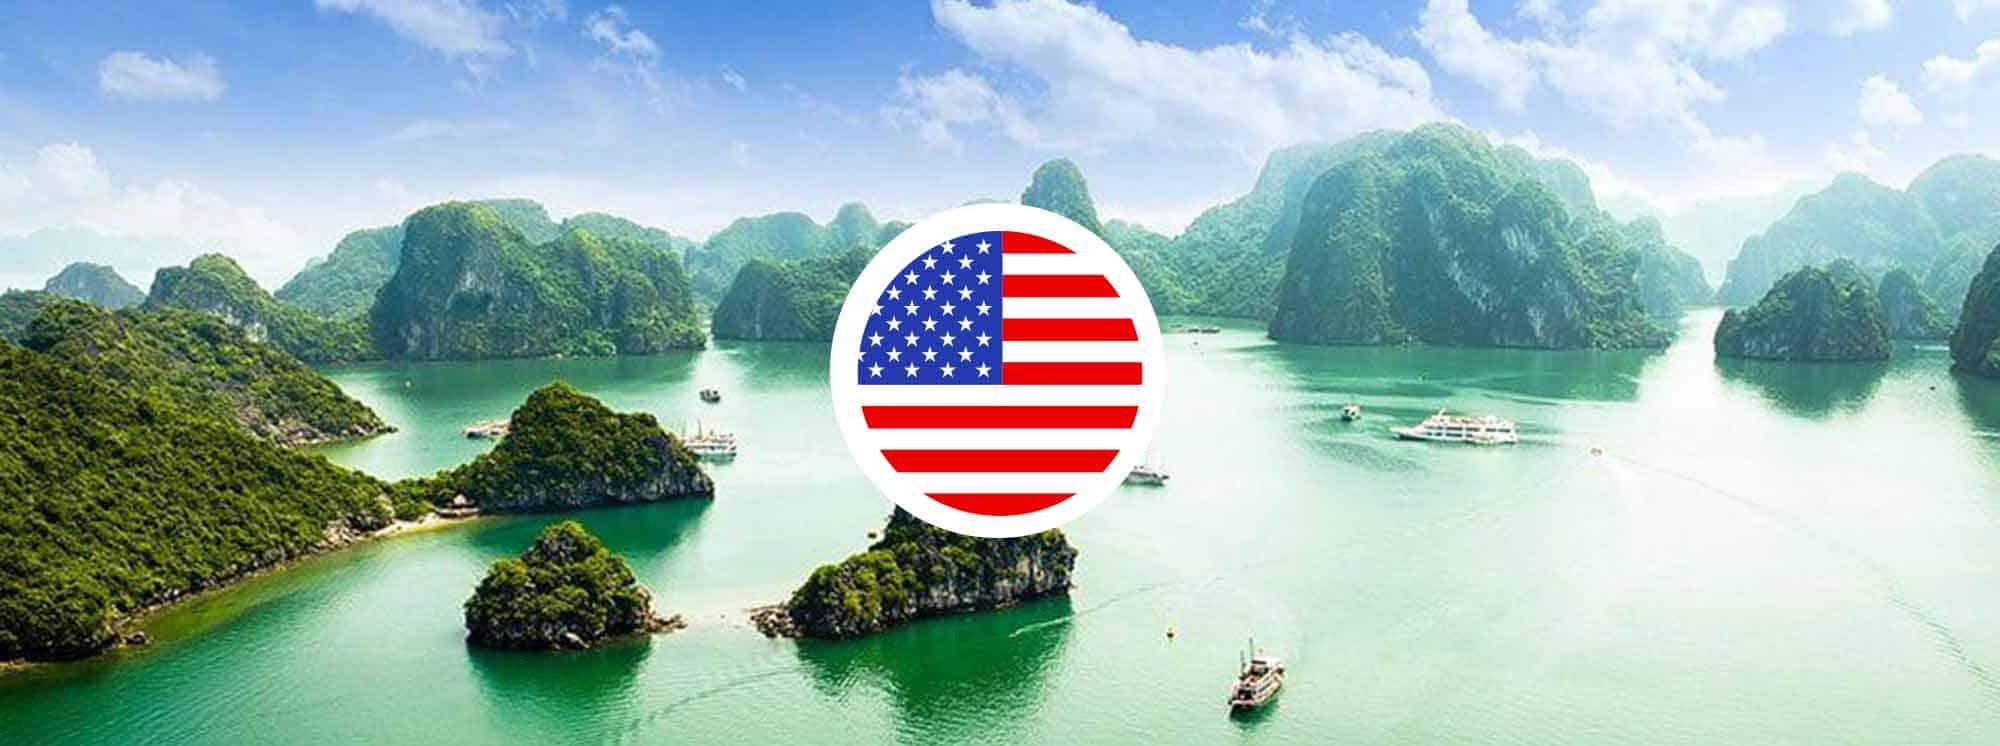 Top American Schools in Vietnam